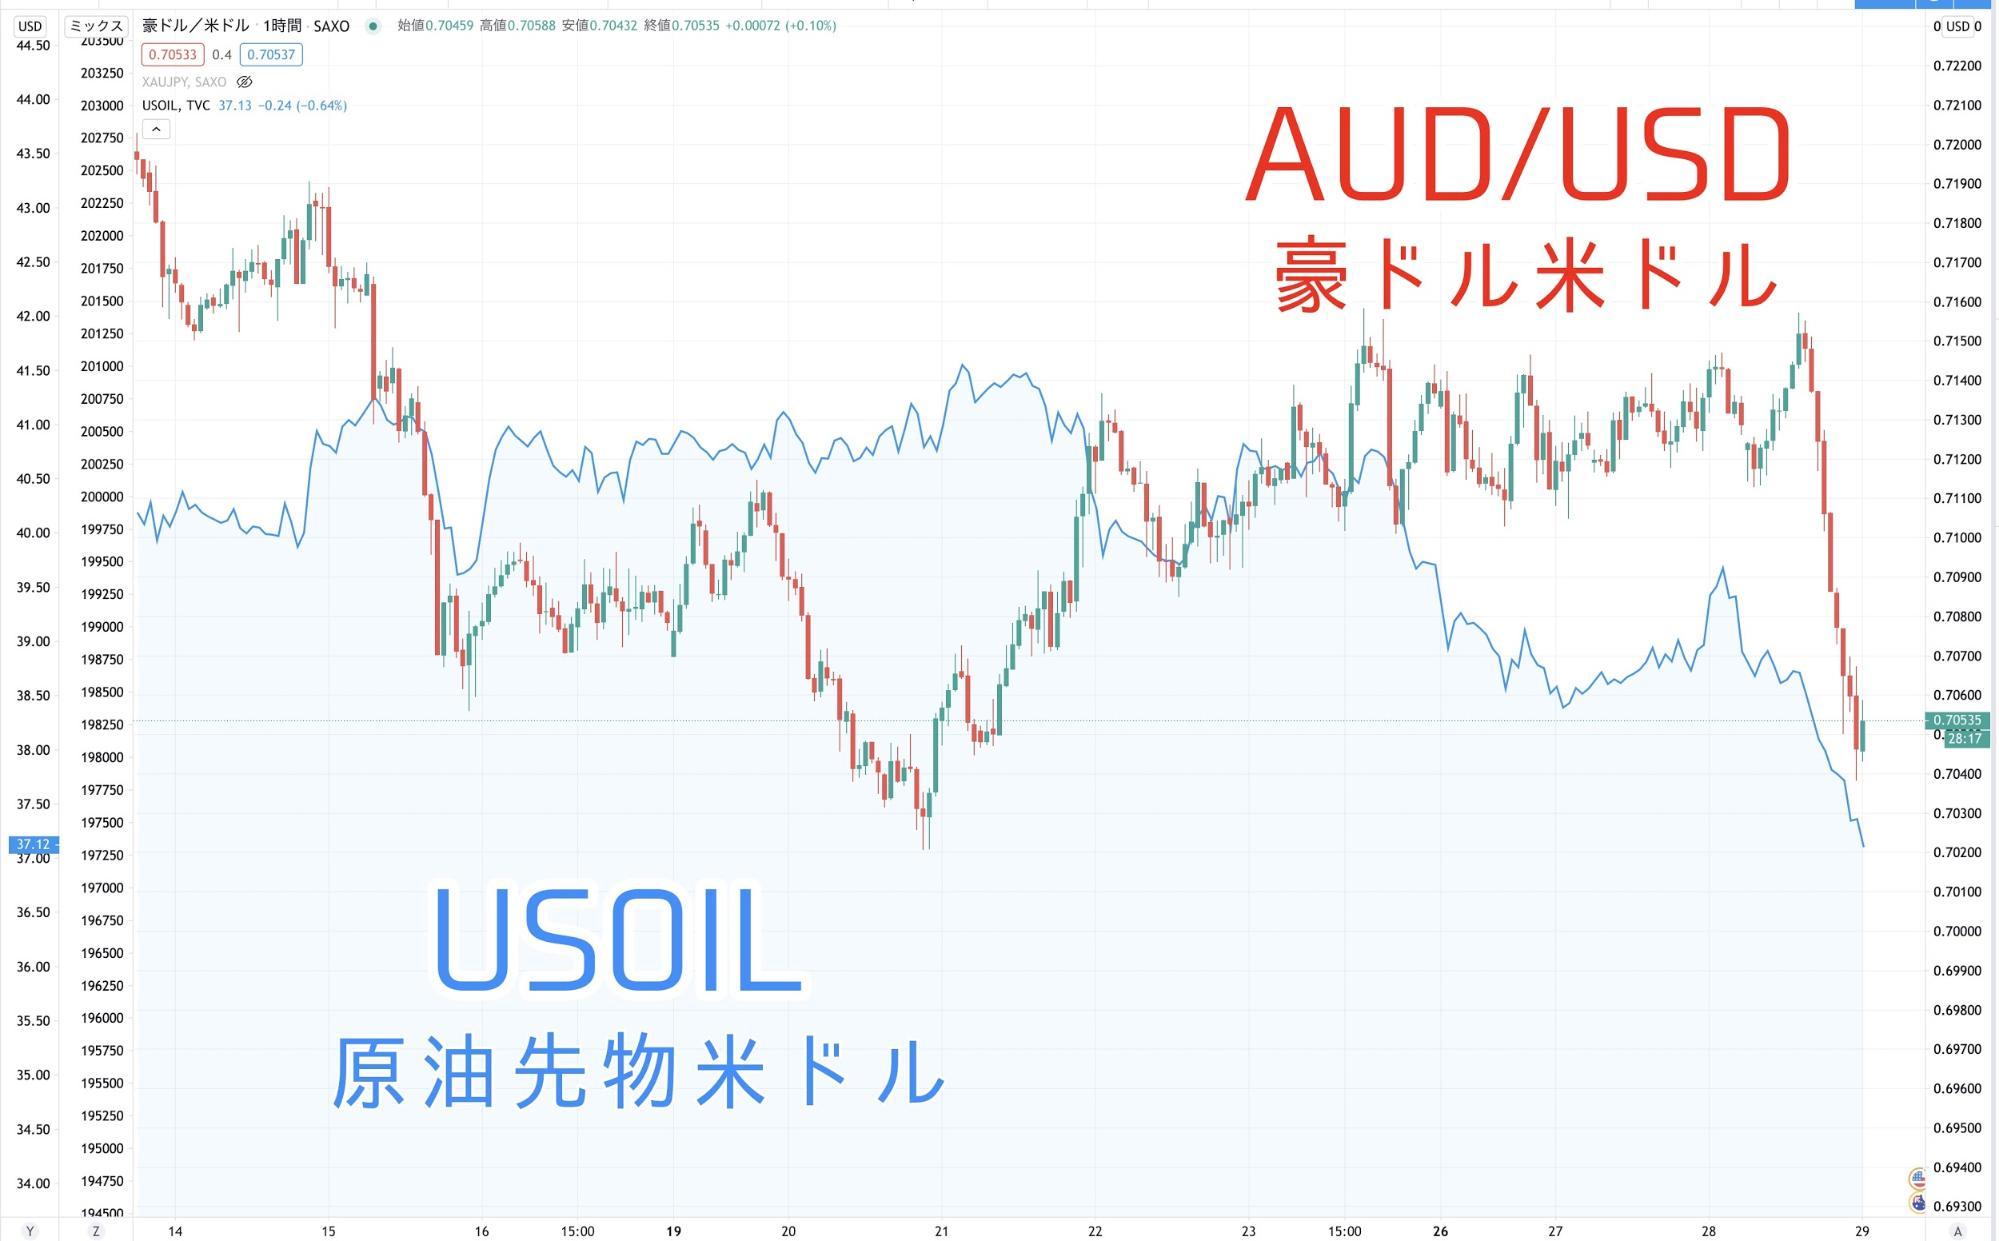 FX_豪ドル_AUD_原油と豪ドルの相関性